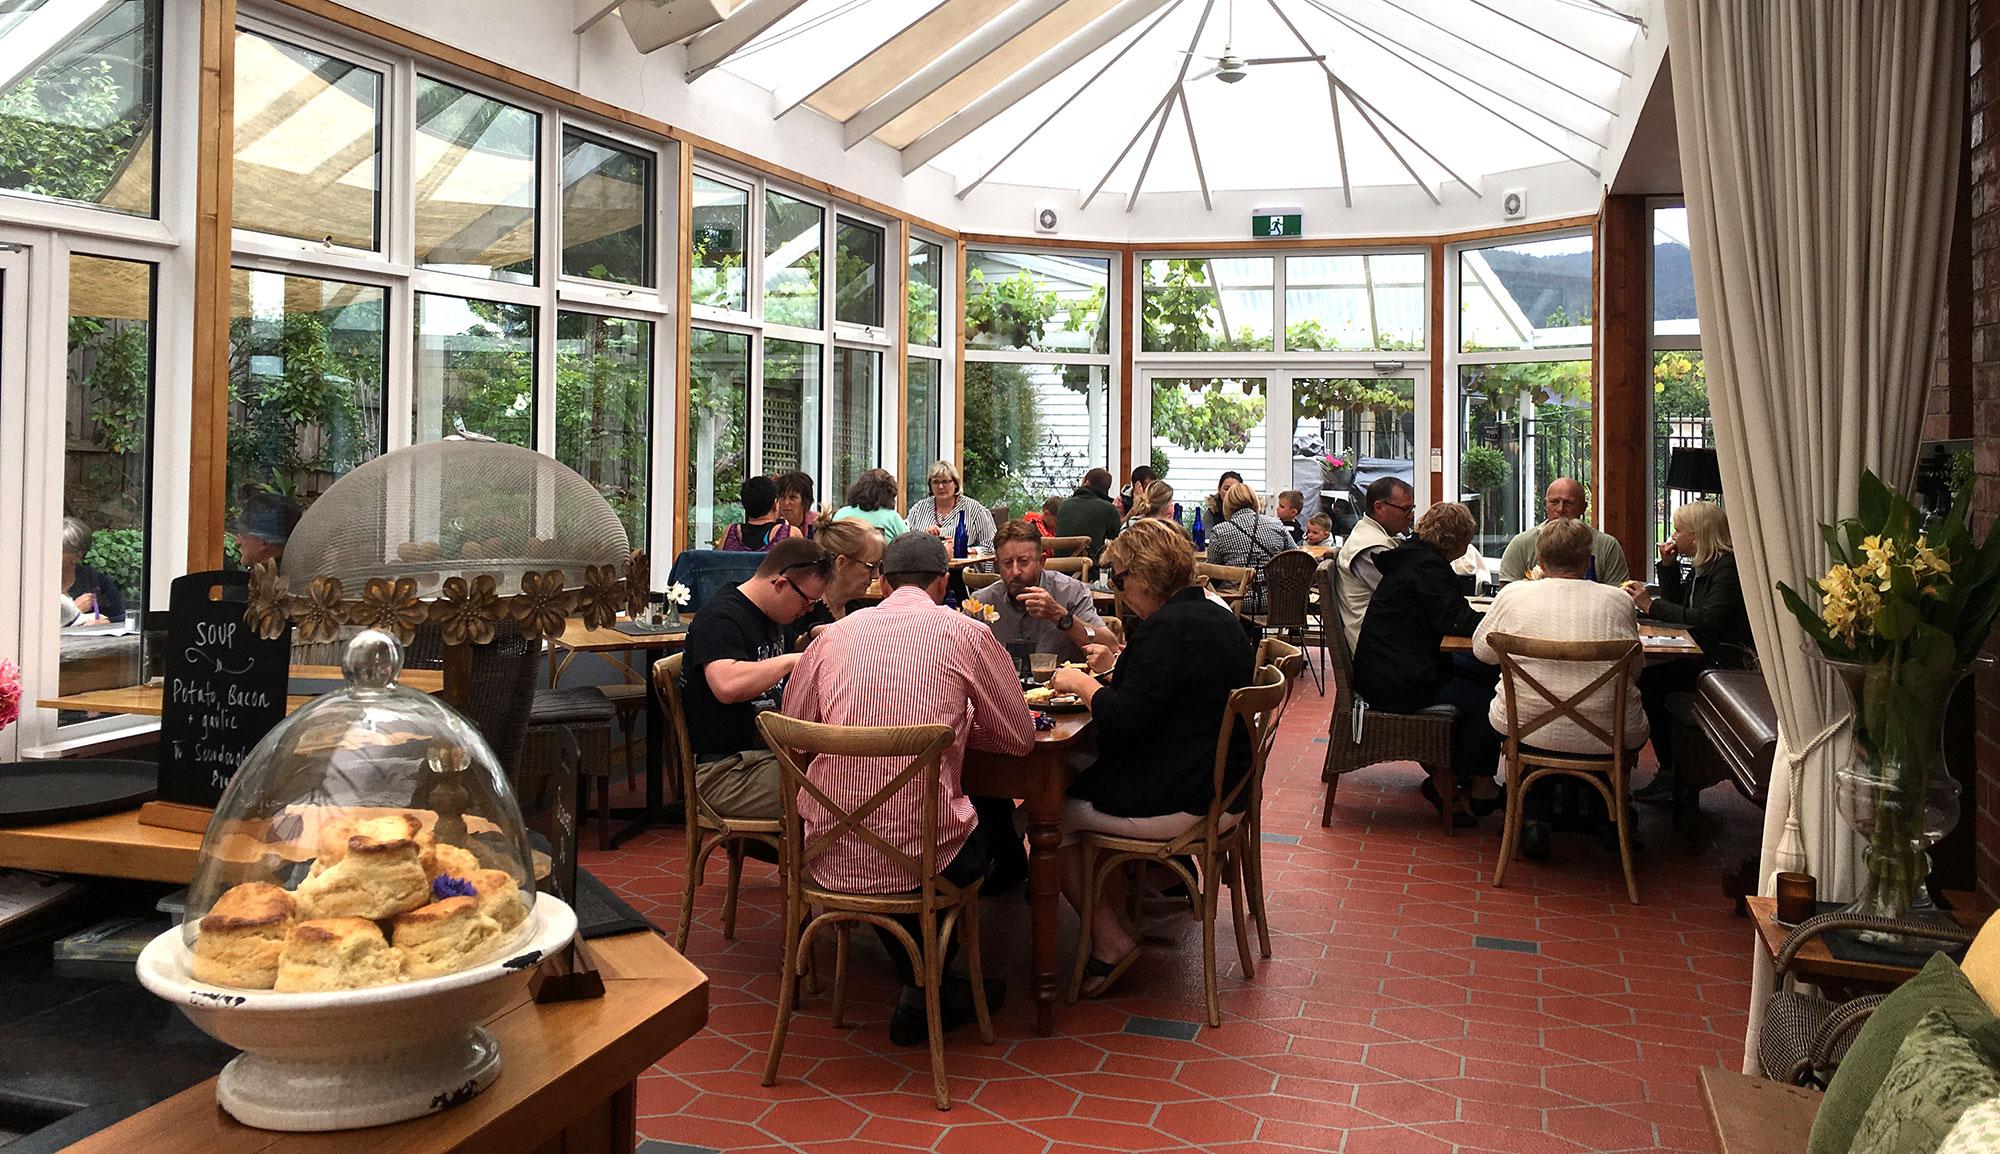 Conservatory Cafe